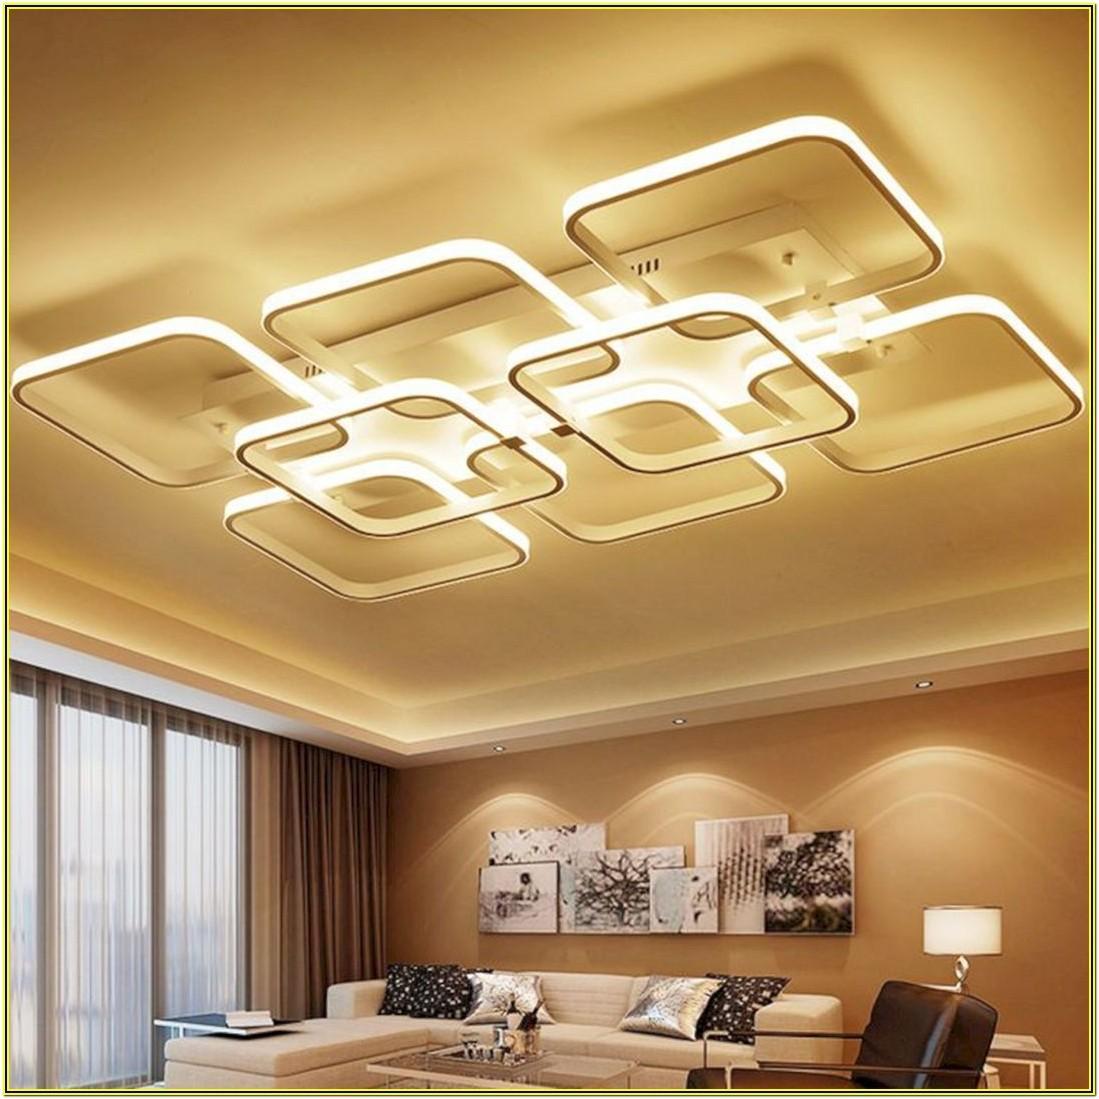 Led False Ceiling Lights For Living Room